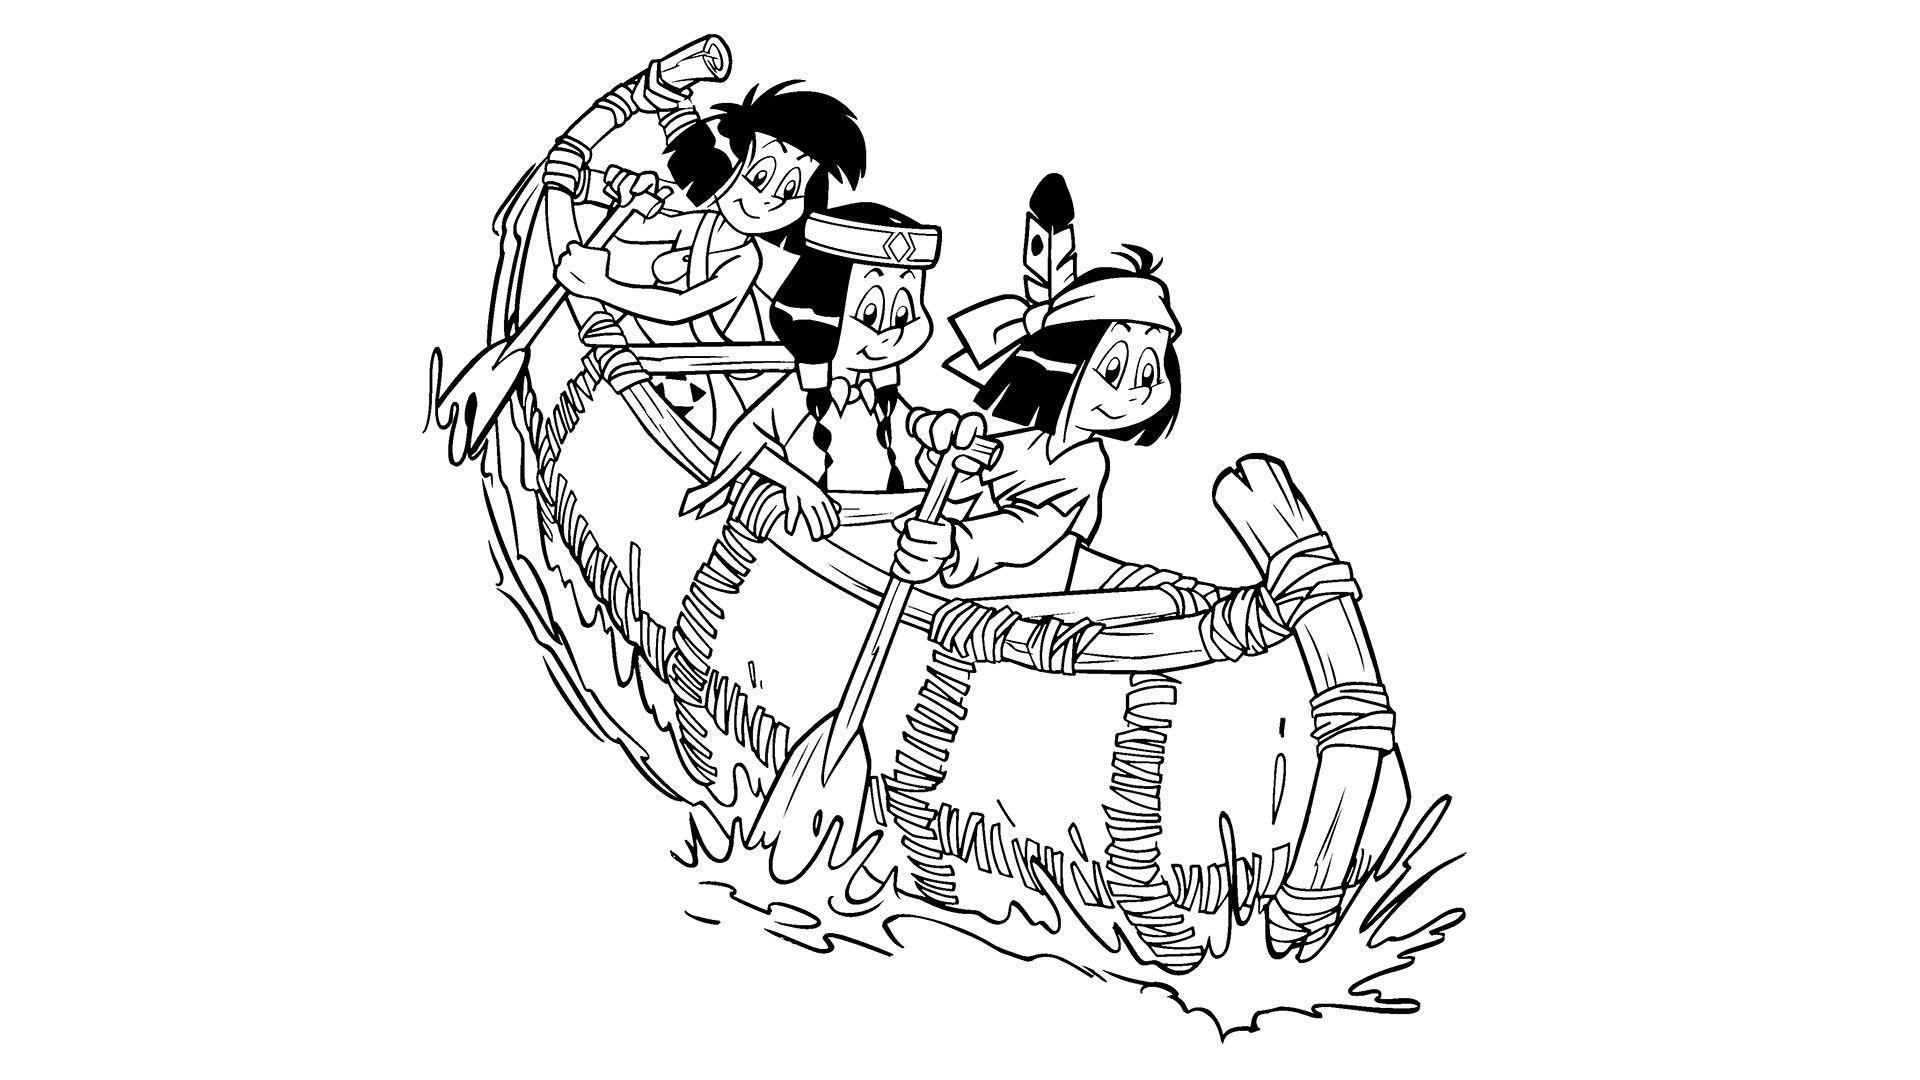 einzigartig malvorlagen indianer gratis  fictional